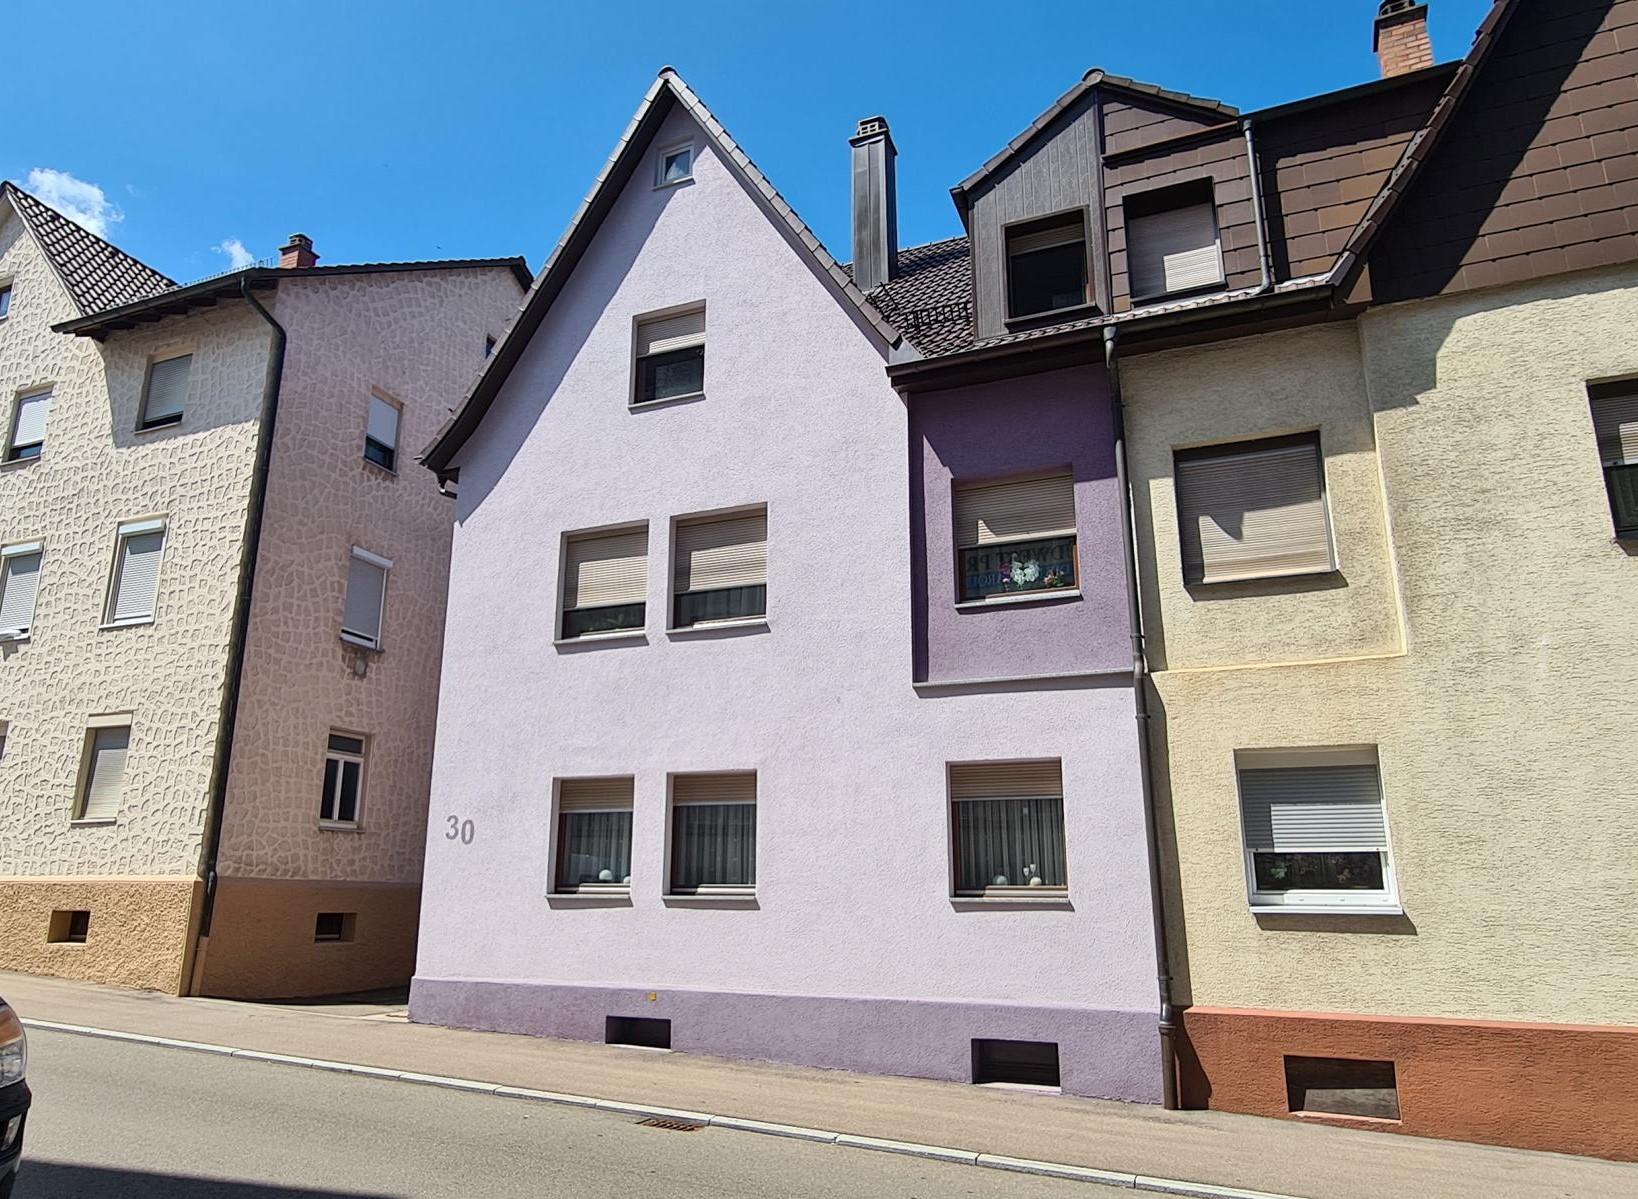 Kapitalanleger oder Eigennutzer! Gepflegte Doppelhaushälfte 3 Wohneinheiten, Garten und einer Garage